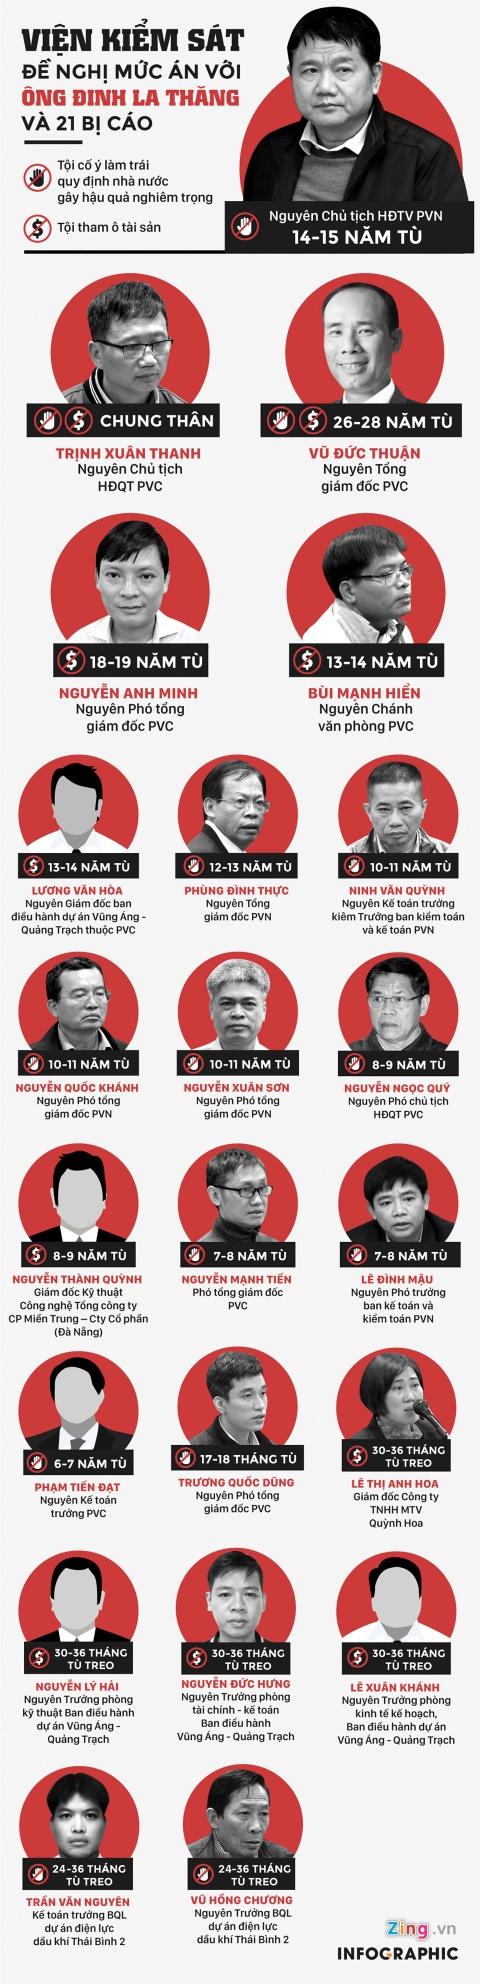 Ong Dinh La Thang va 21 bi cao bi de nghi muc an nao? hinh anh 1